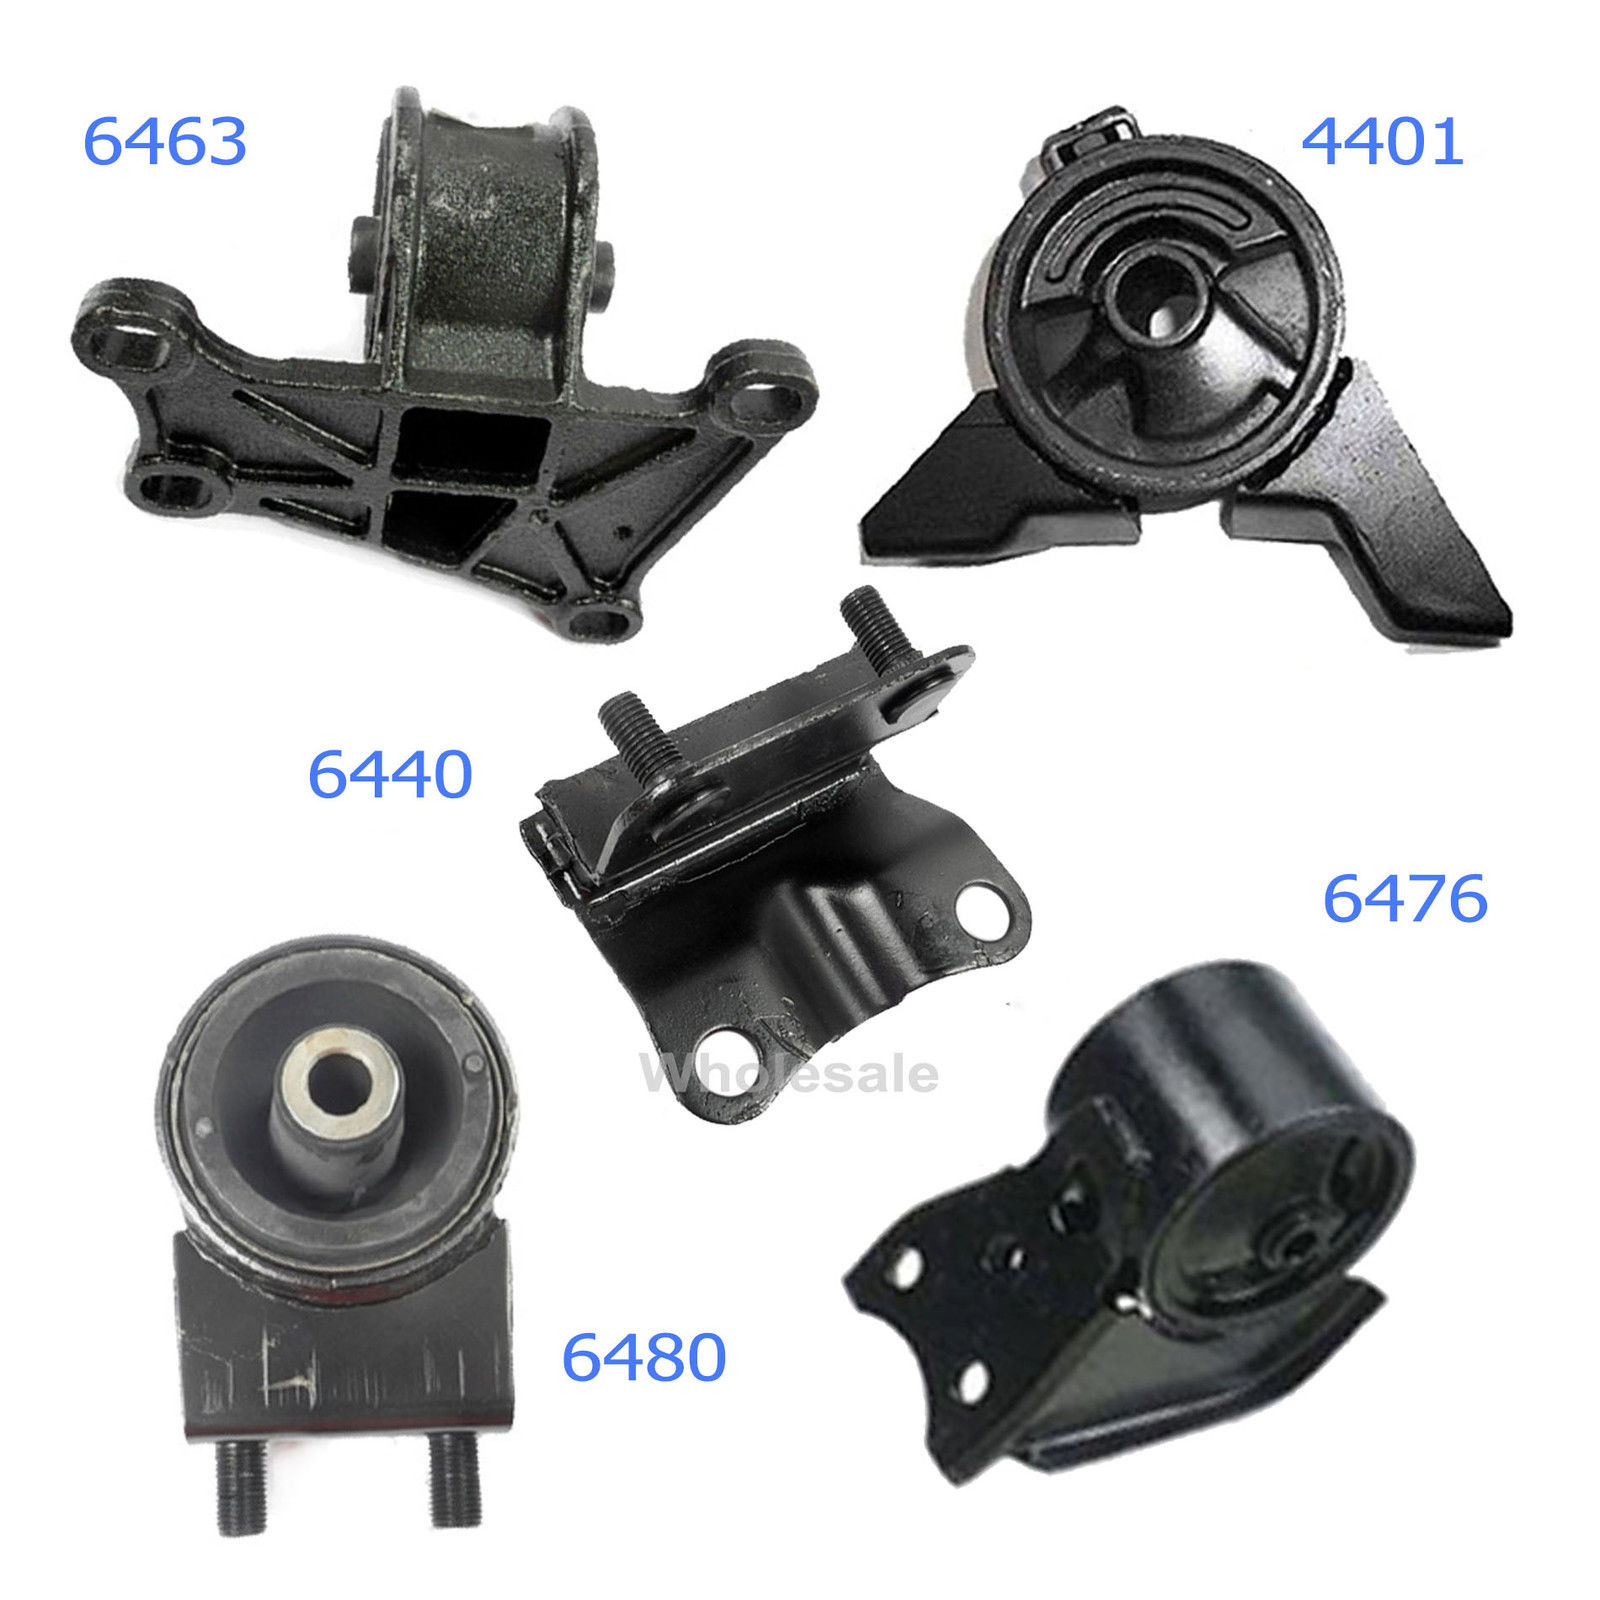 2000 For Mazda 626 2.0L Engine/&Trans Motor Mount 4401 6440 6463 6476 6480 M1065